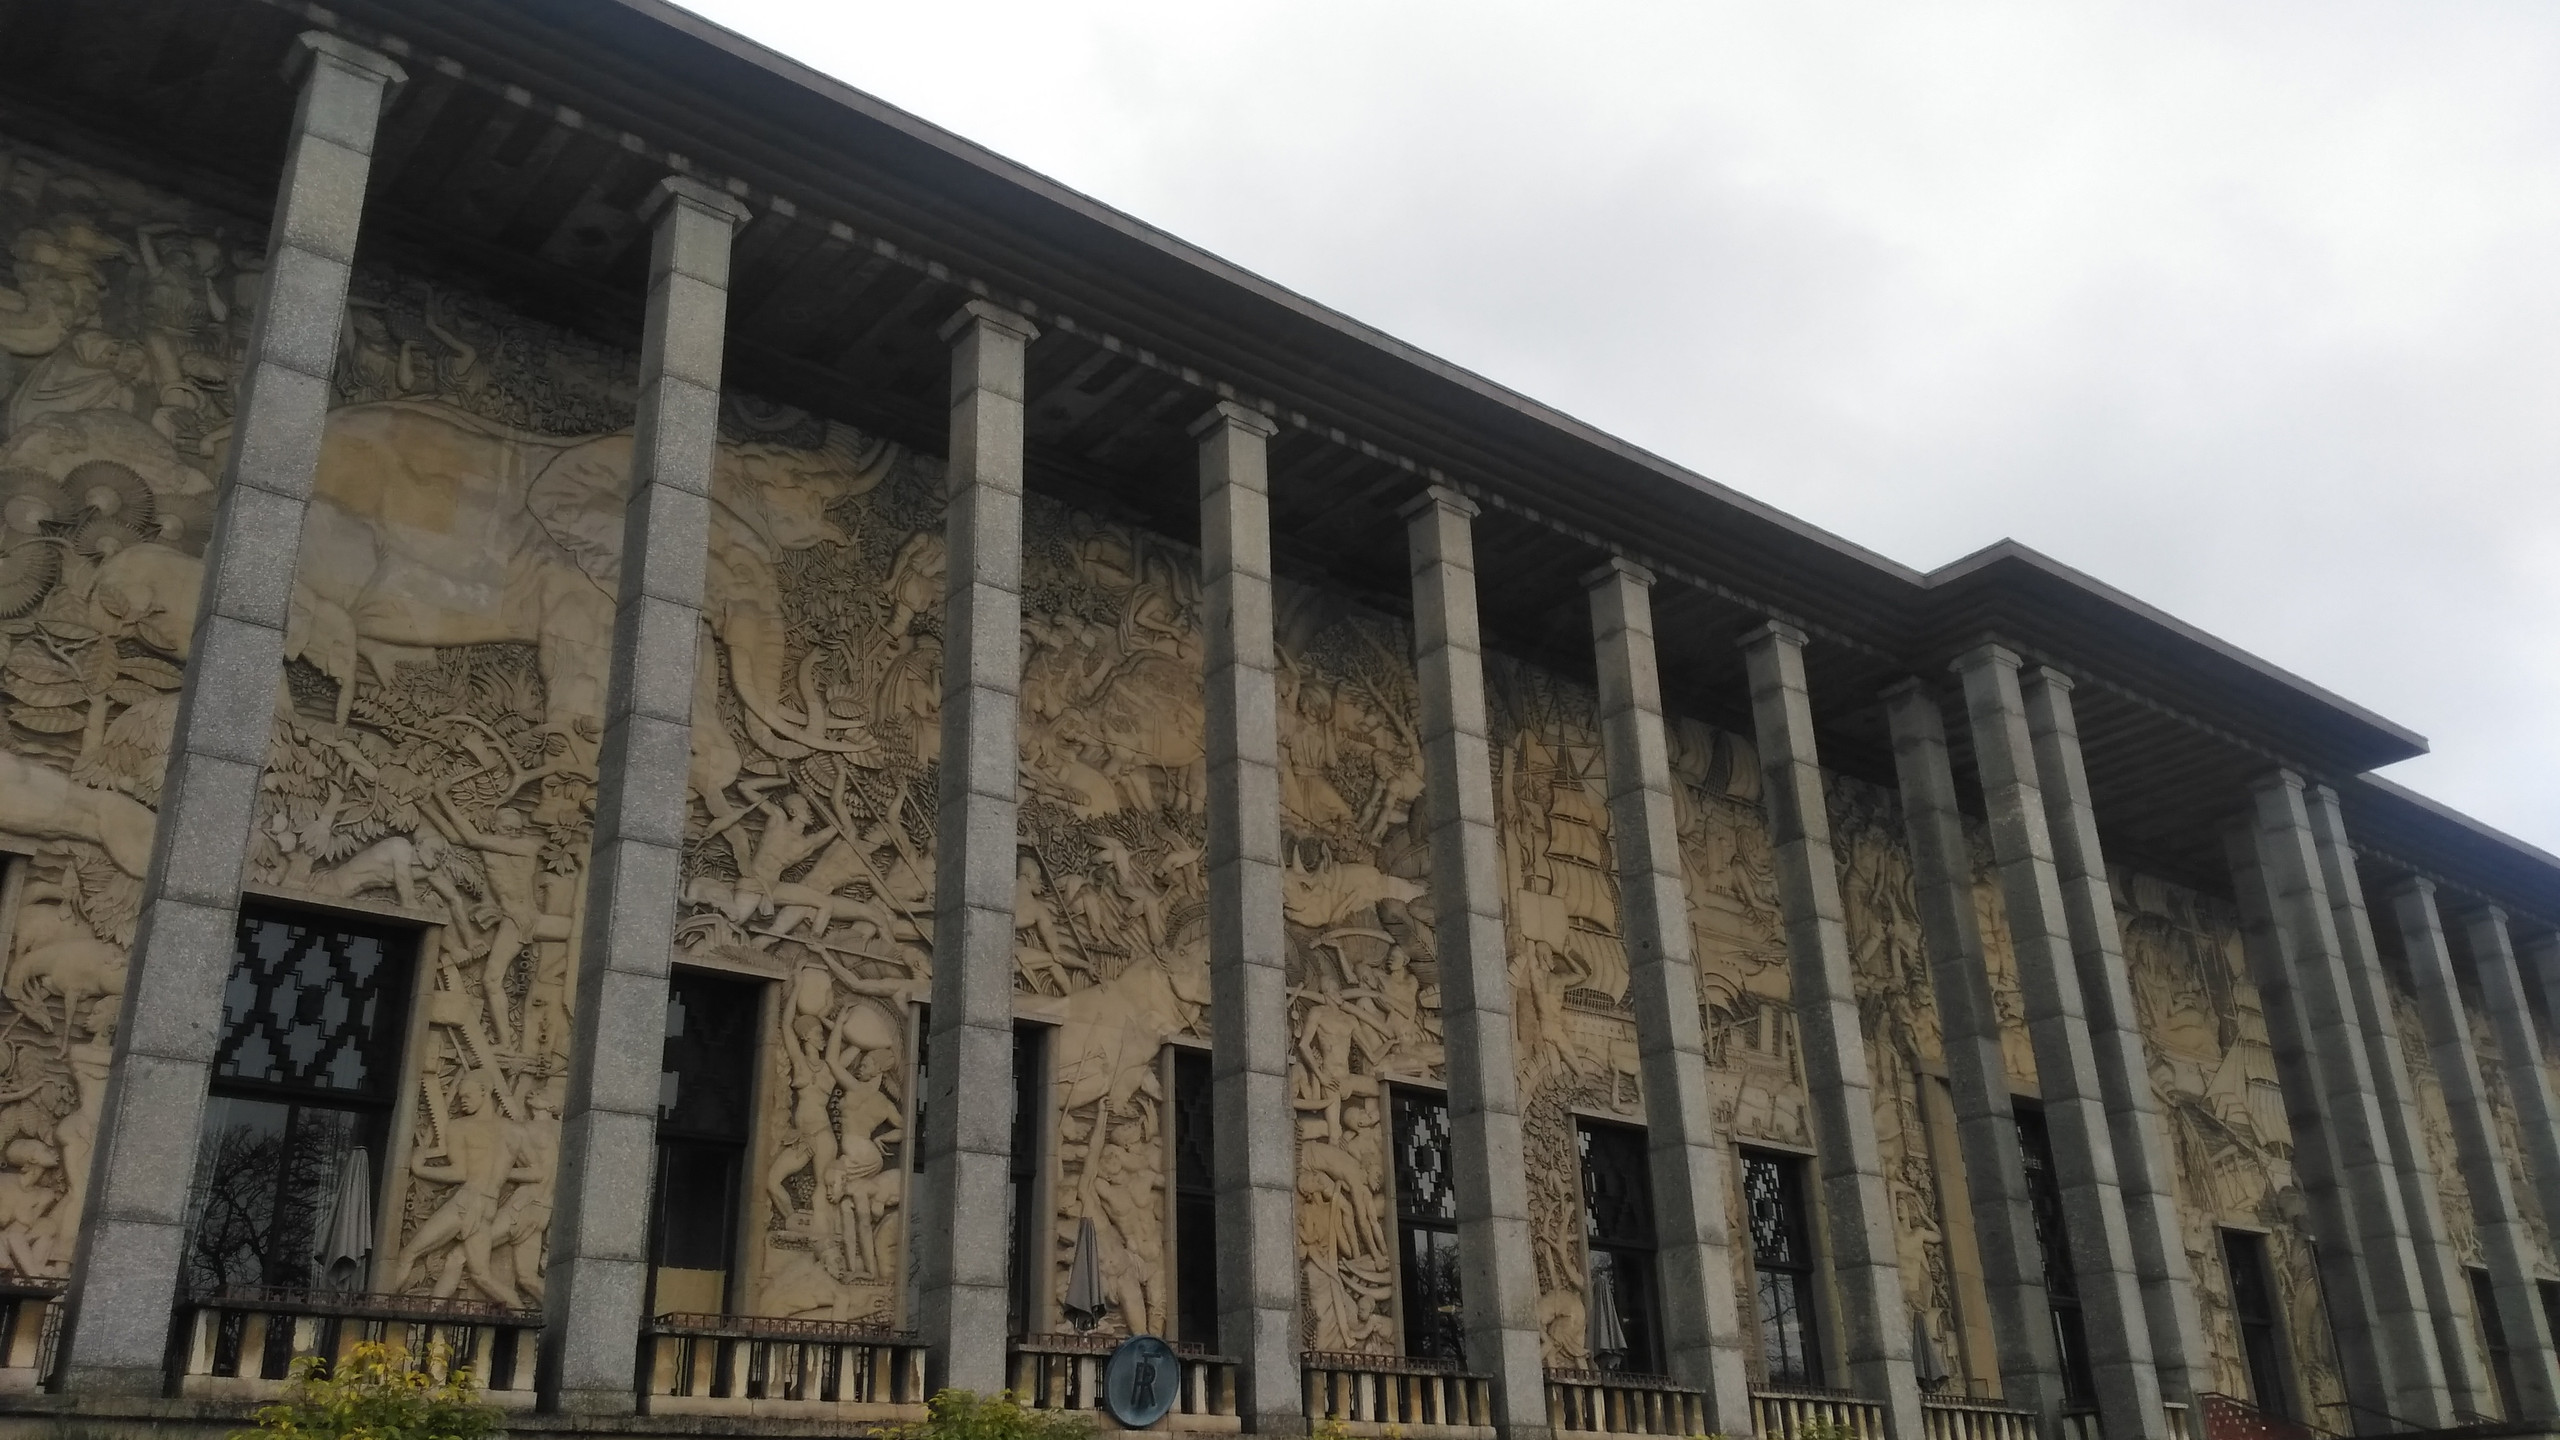 Le Palais de la Porte Dorée - Façade